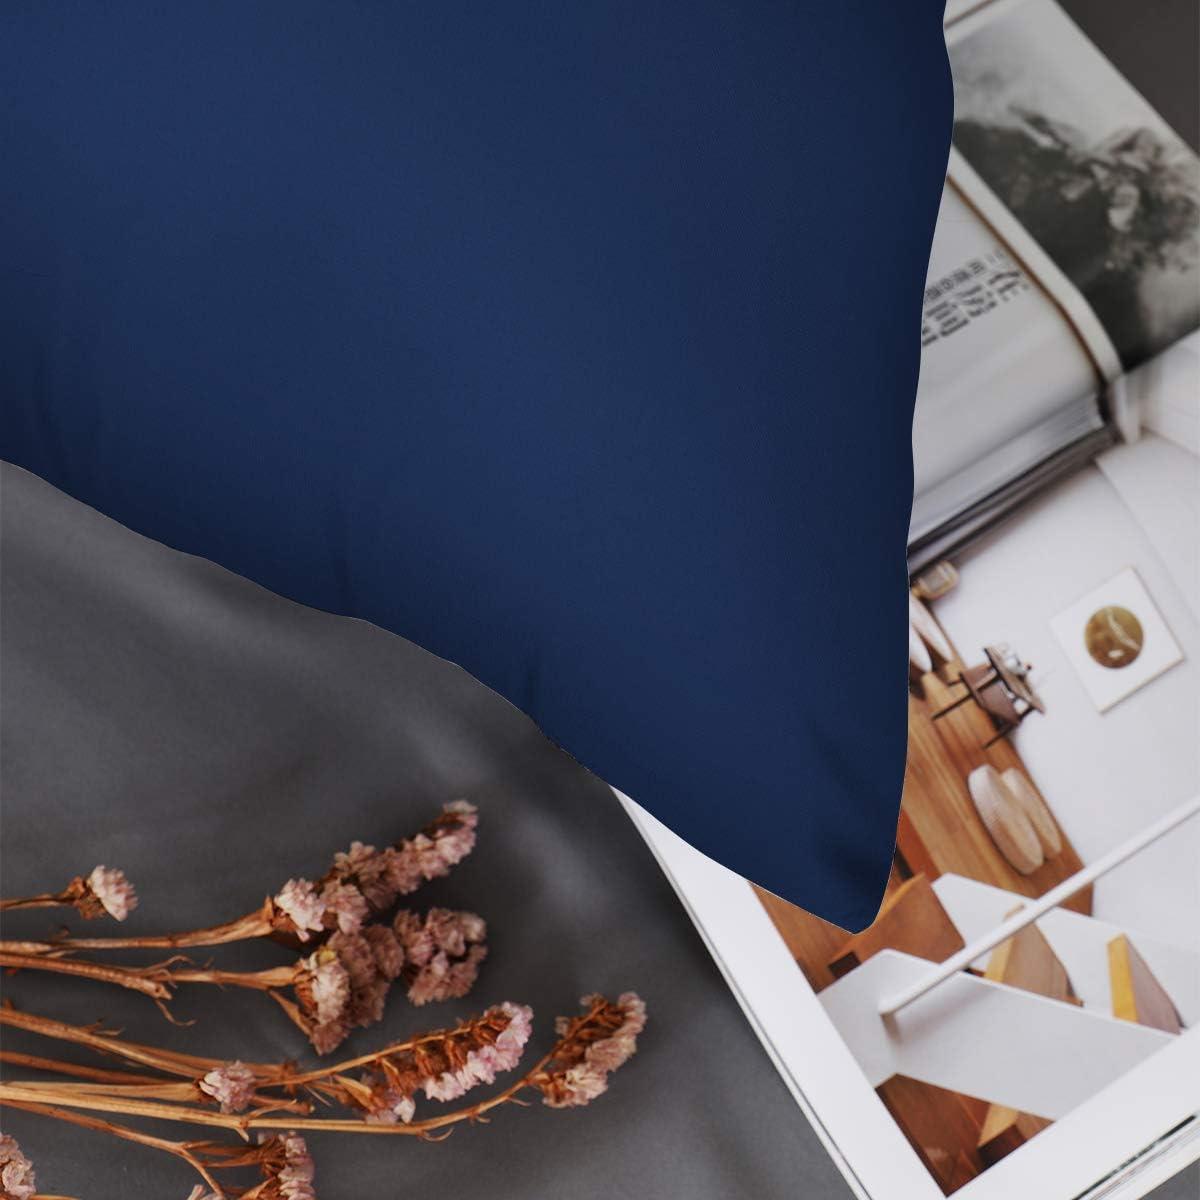 RUIKASI Lot de 2 taies doreiller 80 x 80 cm en Microfibre Super Douce et Douillette 80 x 80 cm Bleu fonc/é